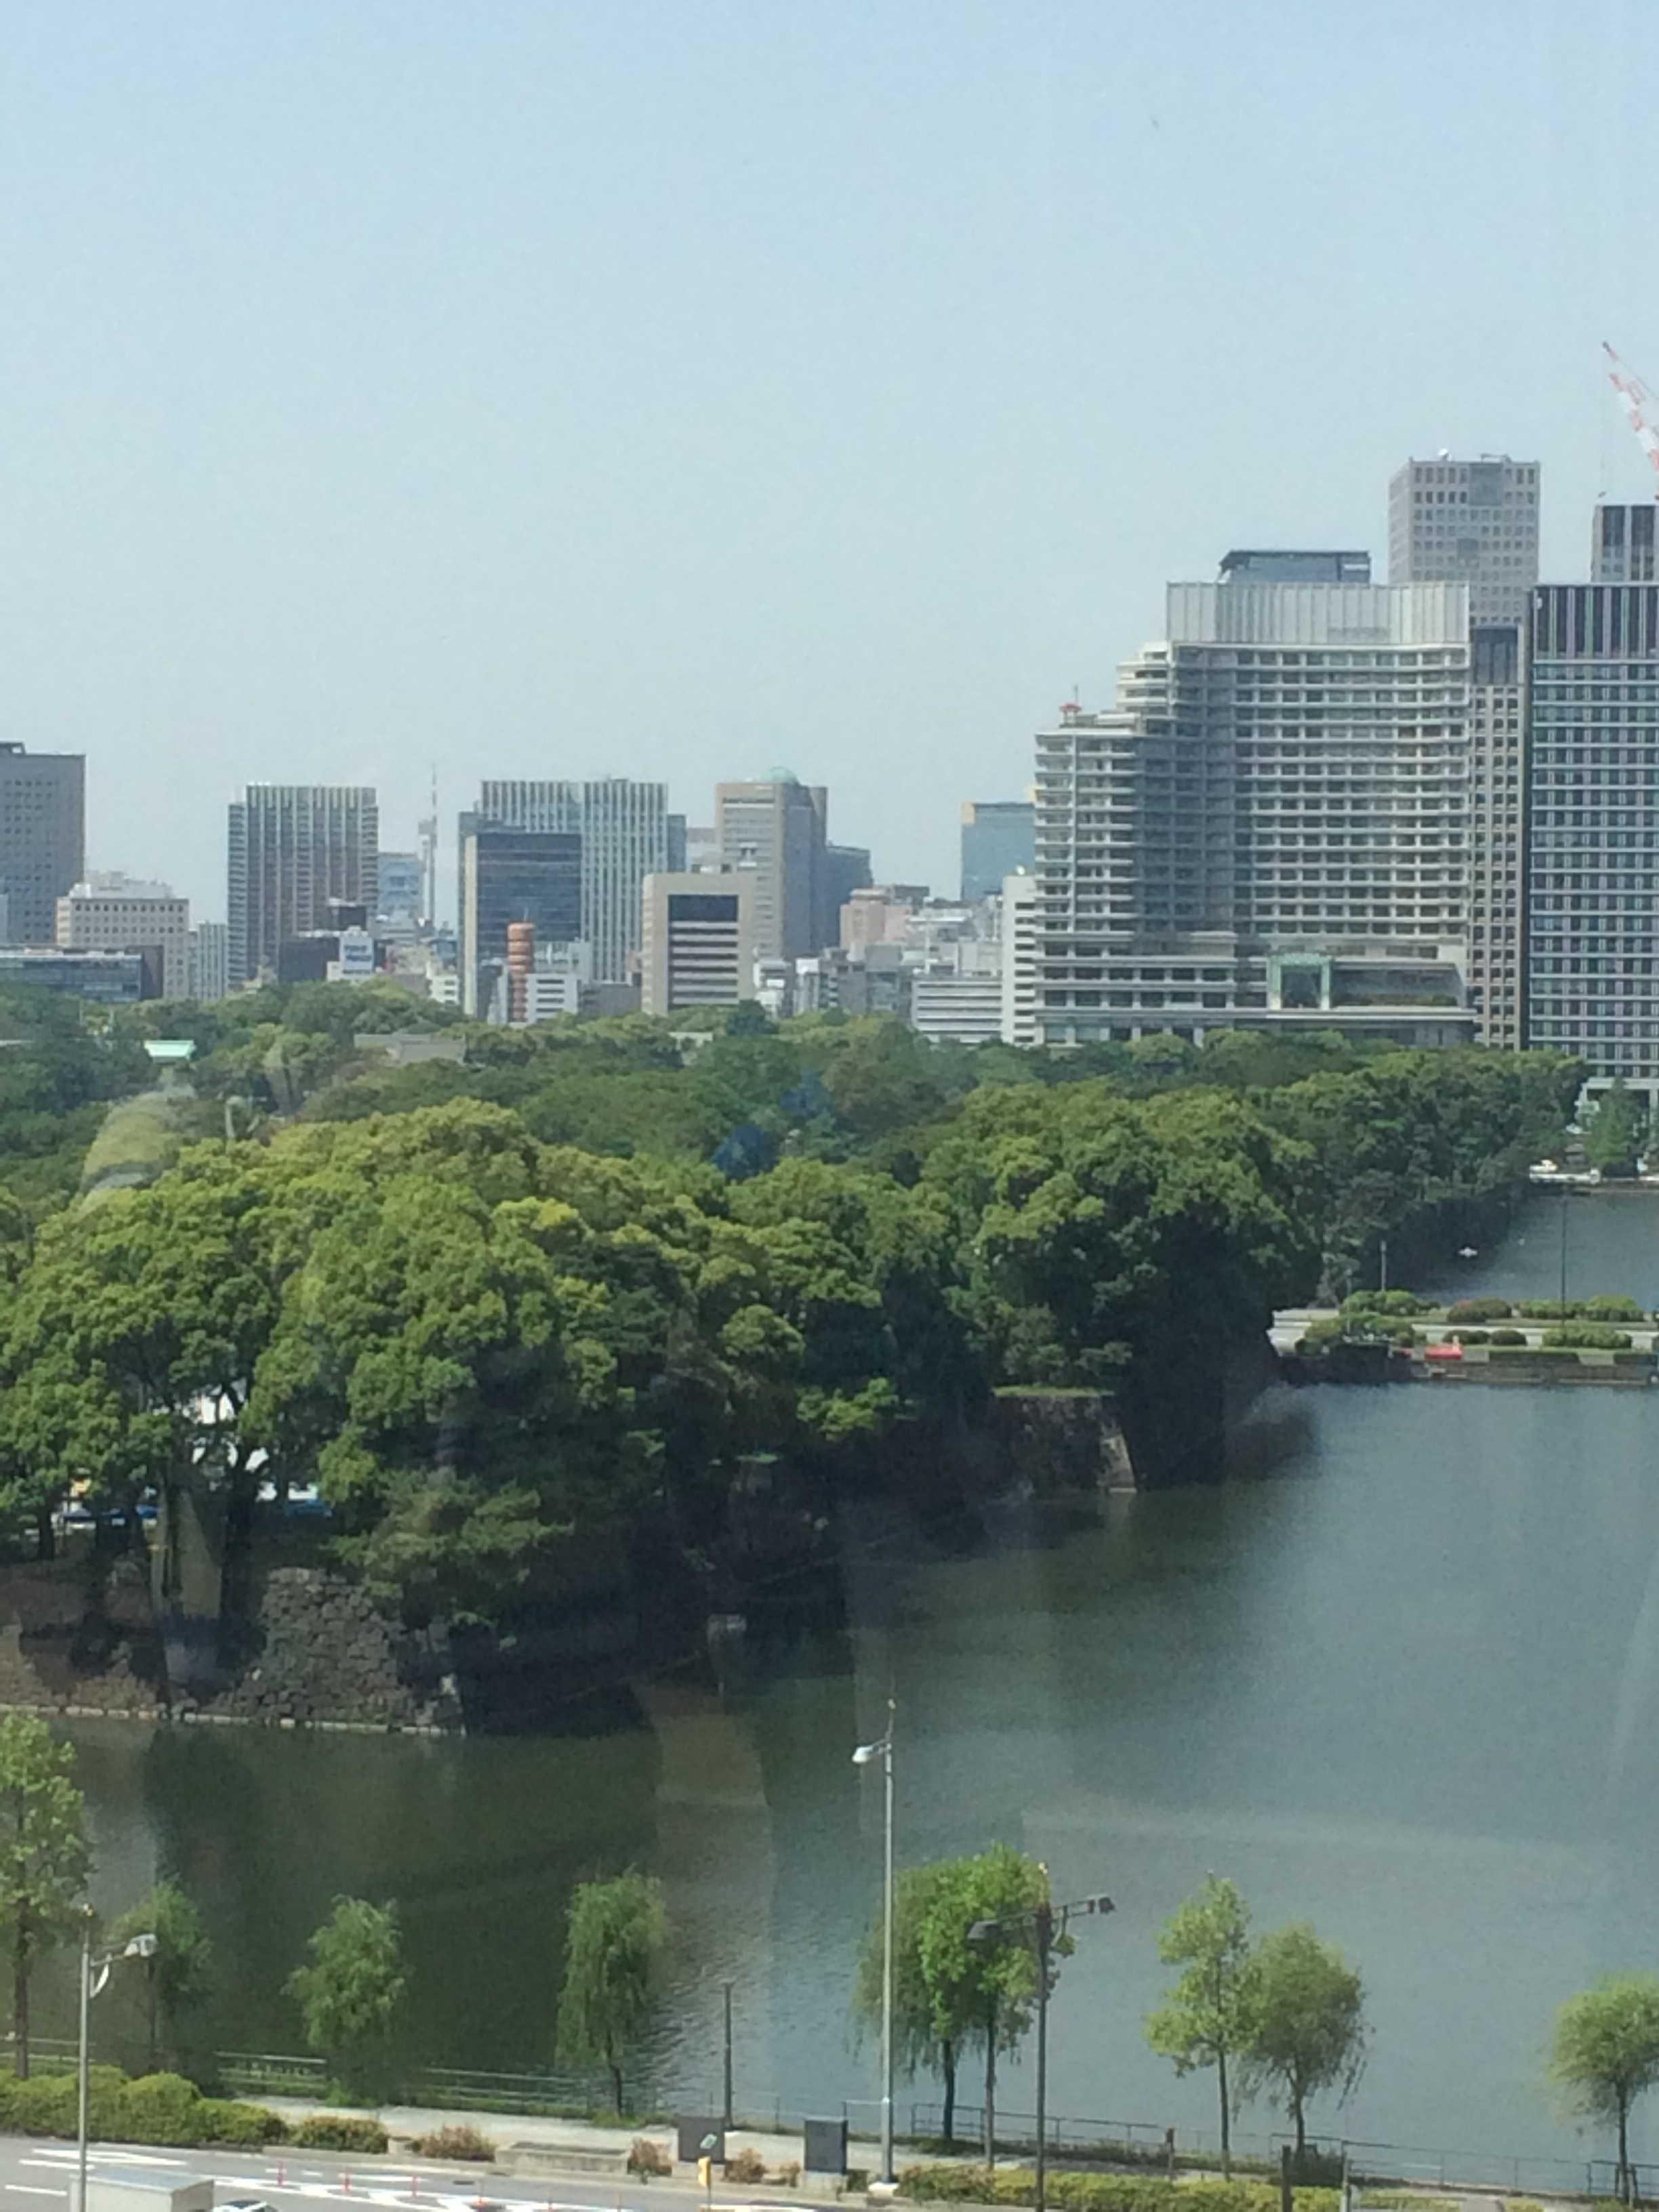 東京ミッドタウン日比谷から皇居外苑を望む